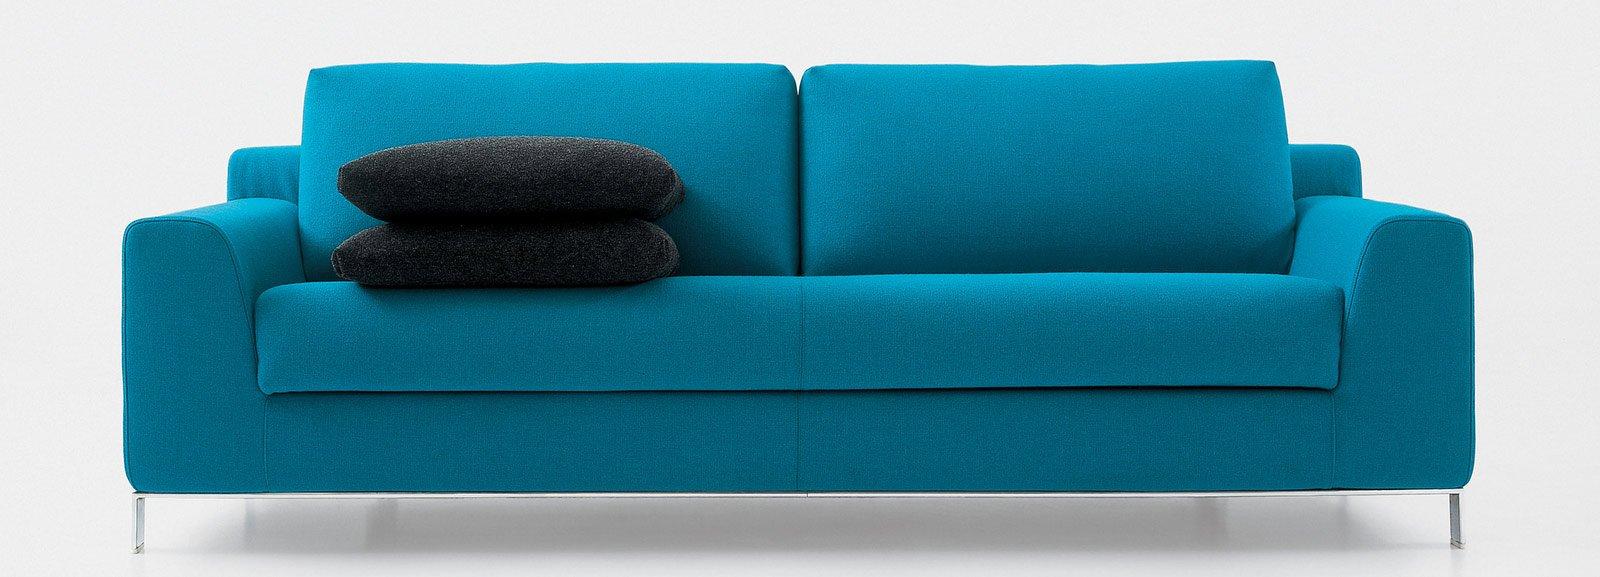 Divani blu cose di casa - Divano letto azzurro ...